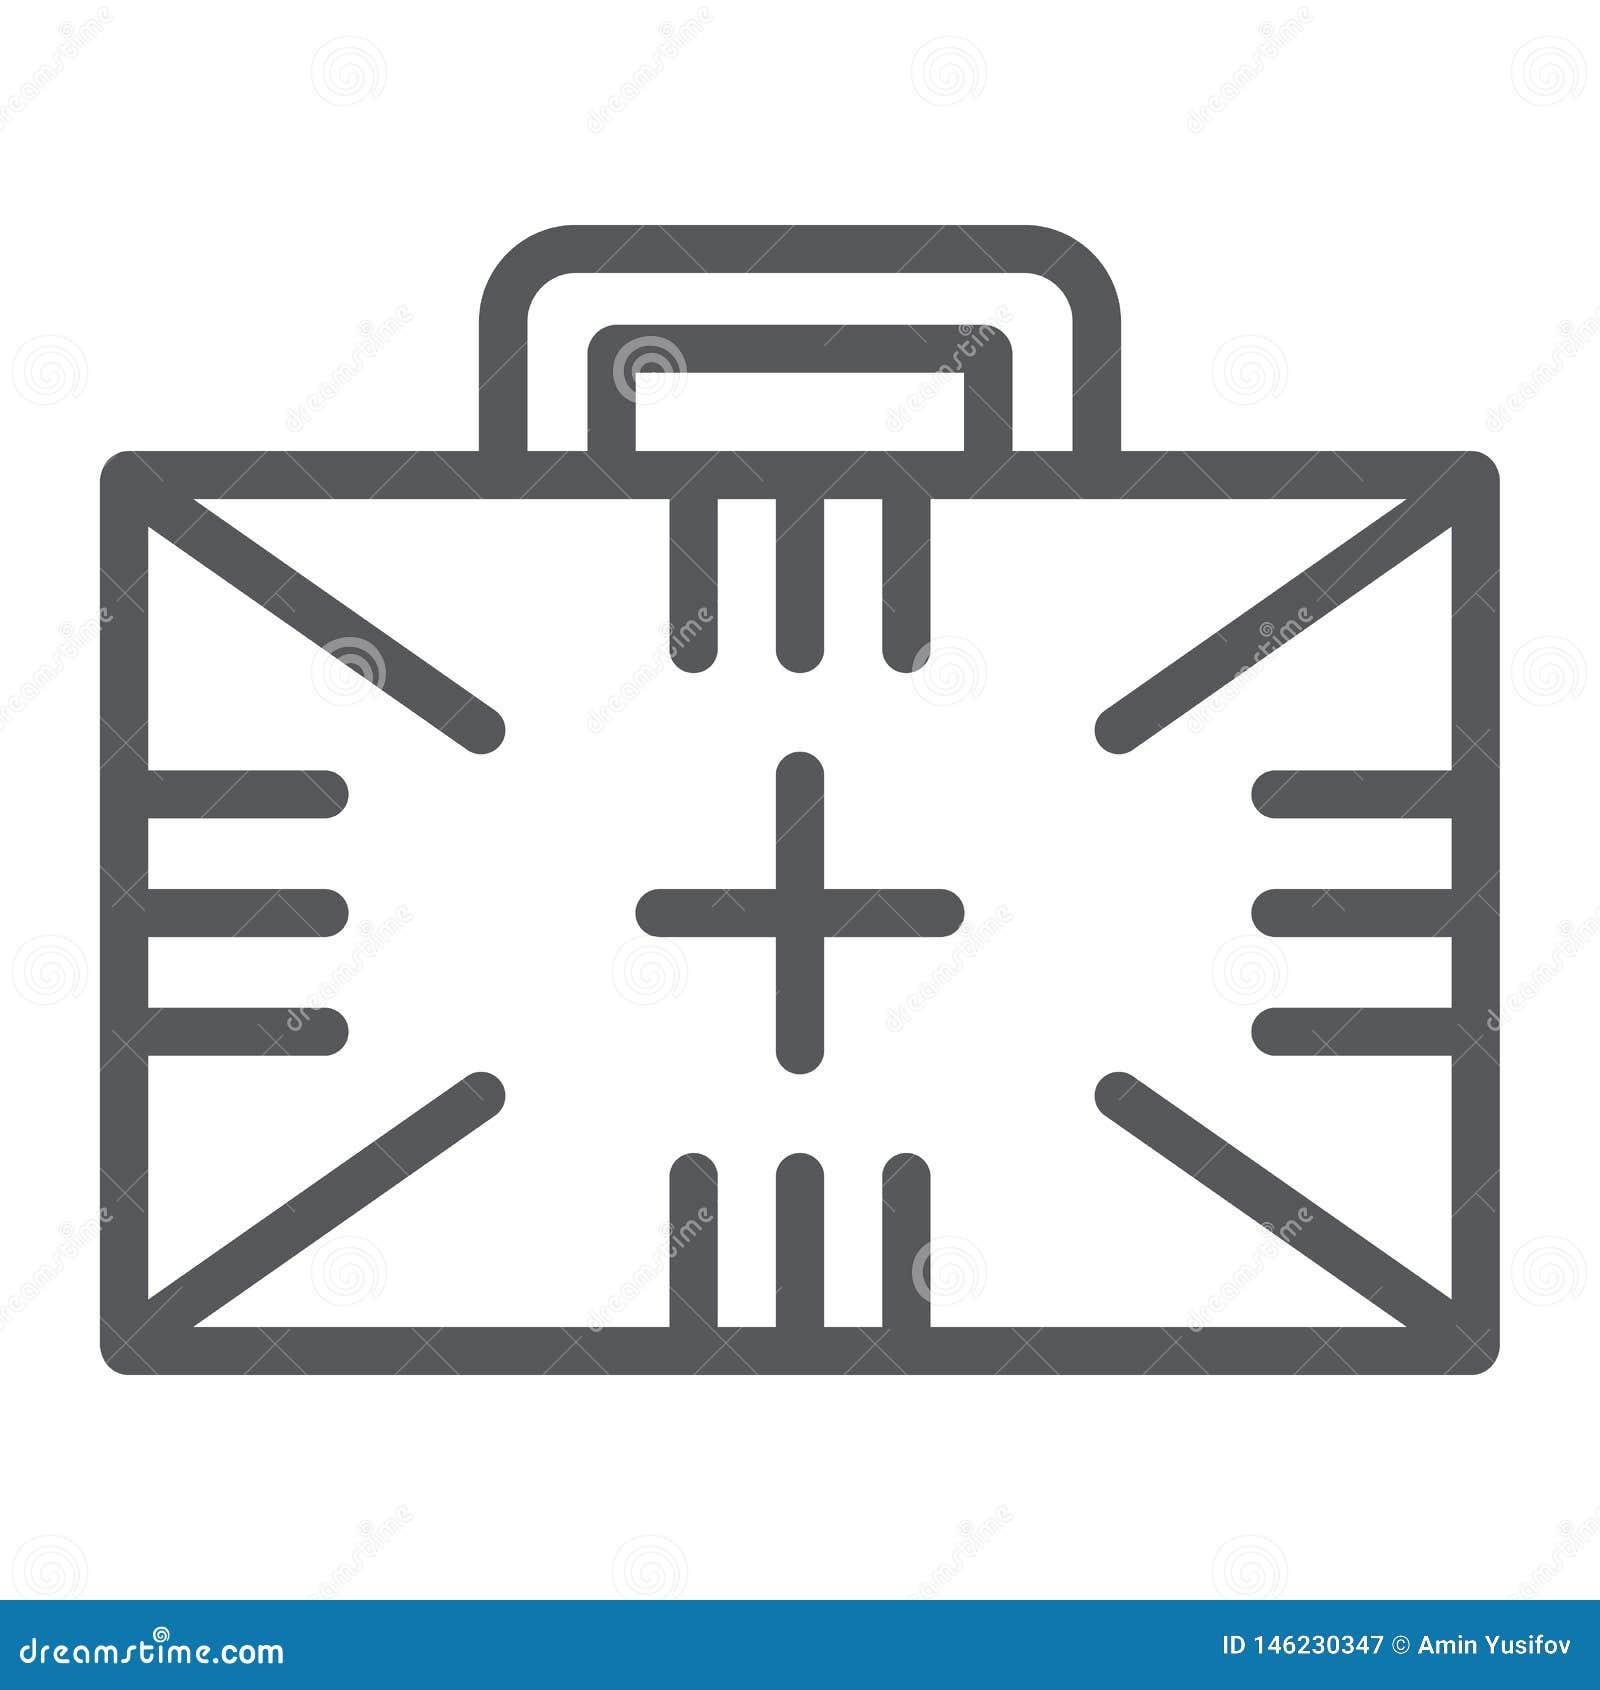 Linea icona della cassetta di pronto soccorso, scatola ed emergenza, segno medico di caso, grafica vettoriale, un modello lineare